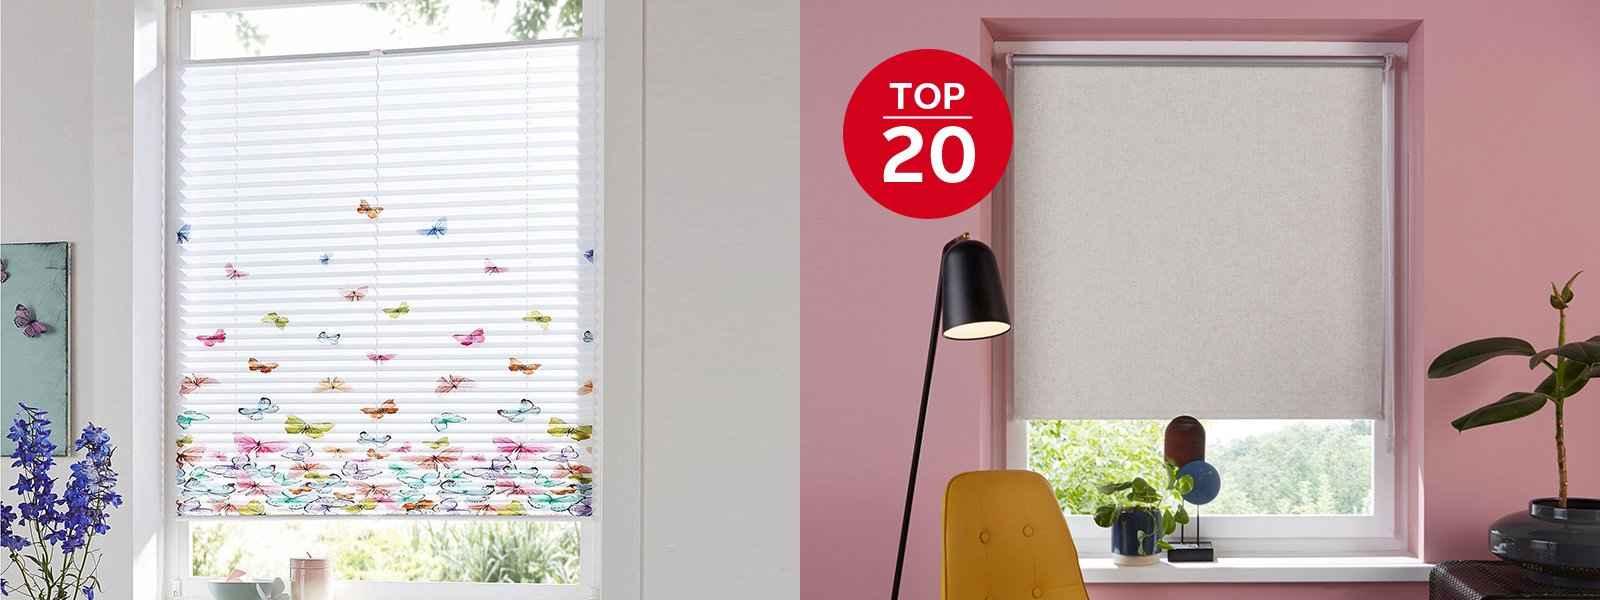 Top 20 Sichtschutz